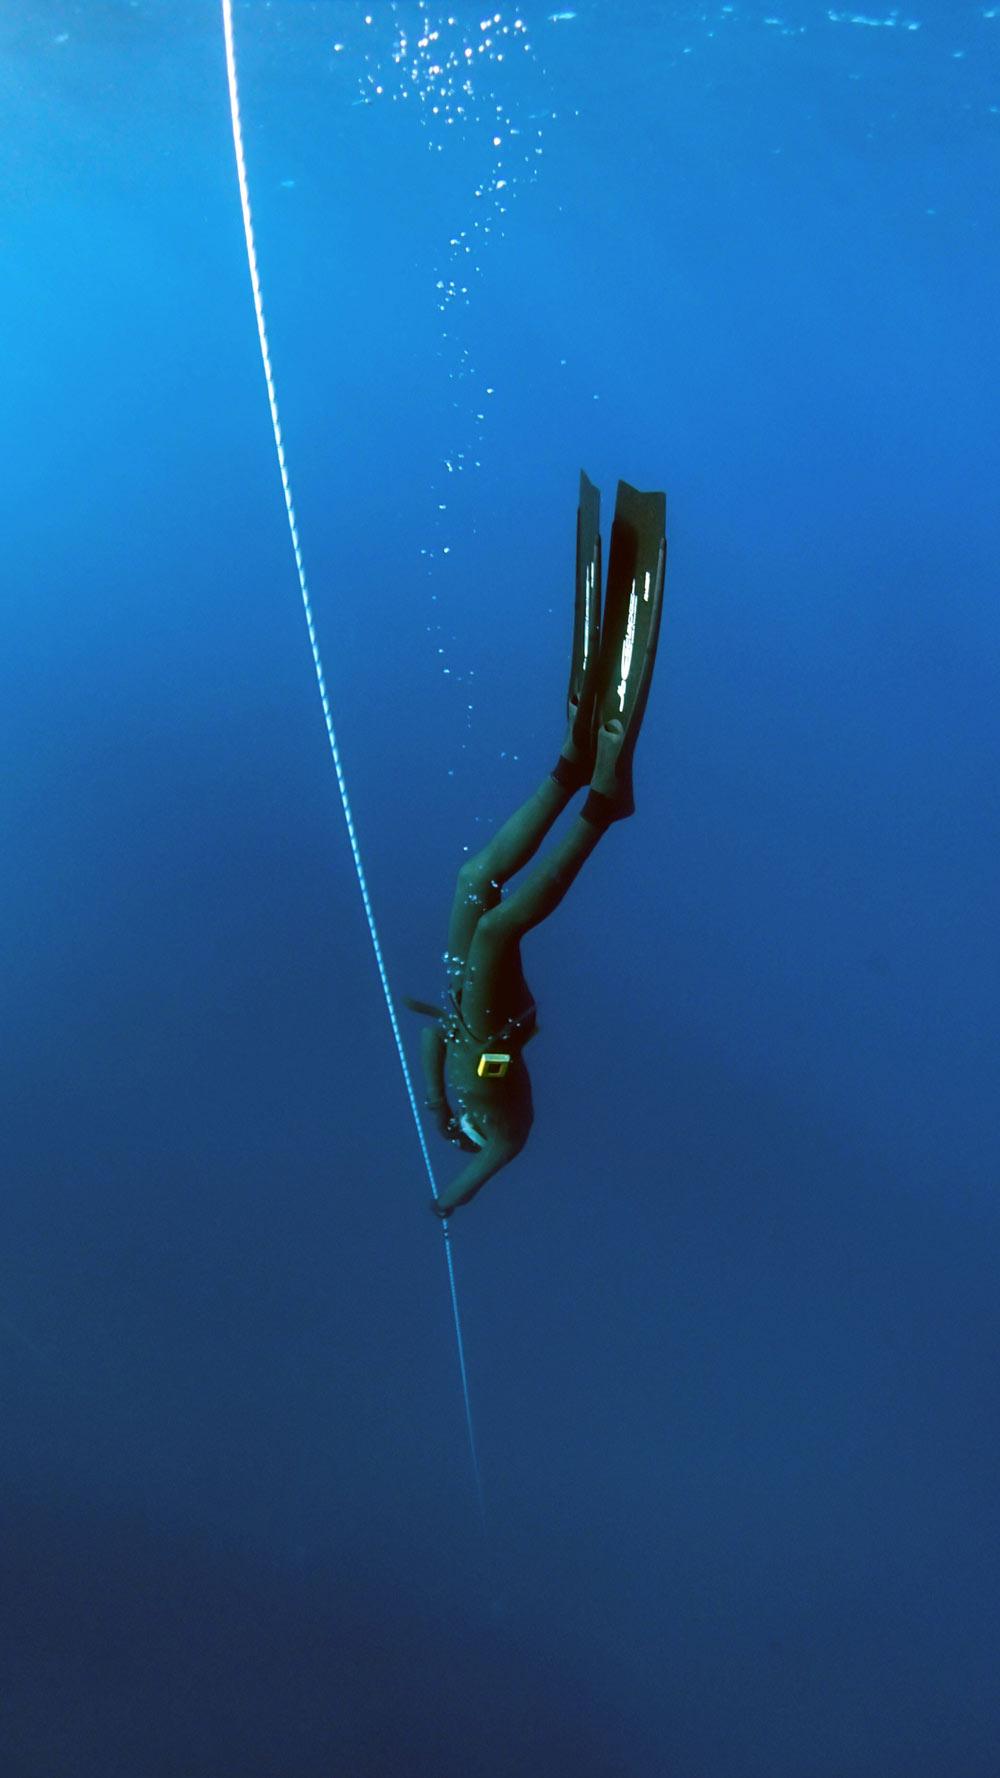 diver-ocean-deep-work-produktiviaet-lendis.jpg